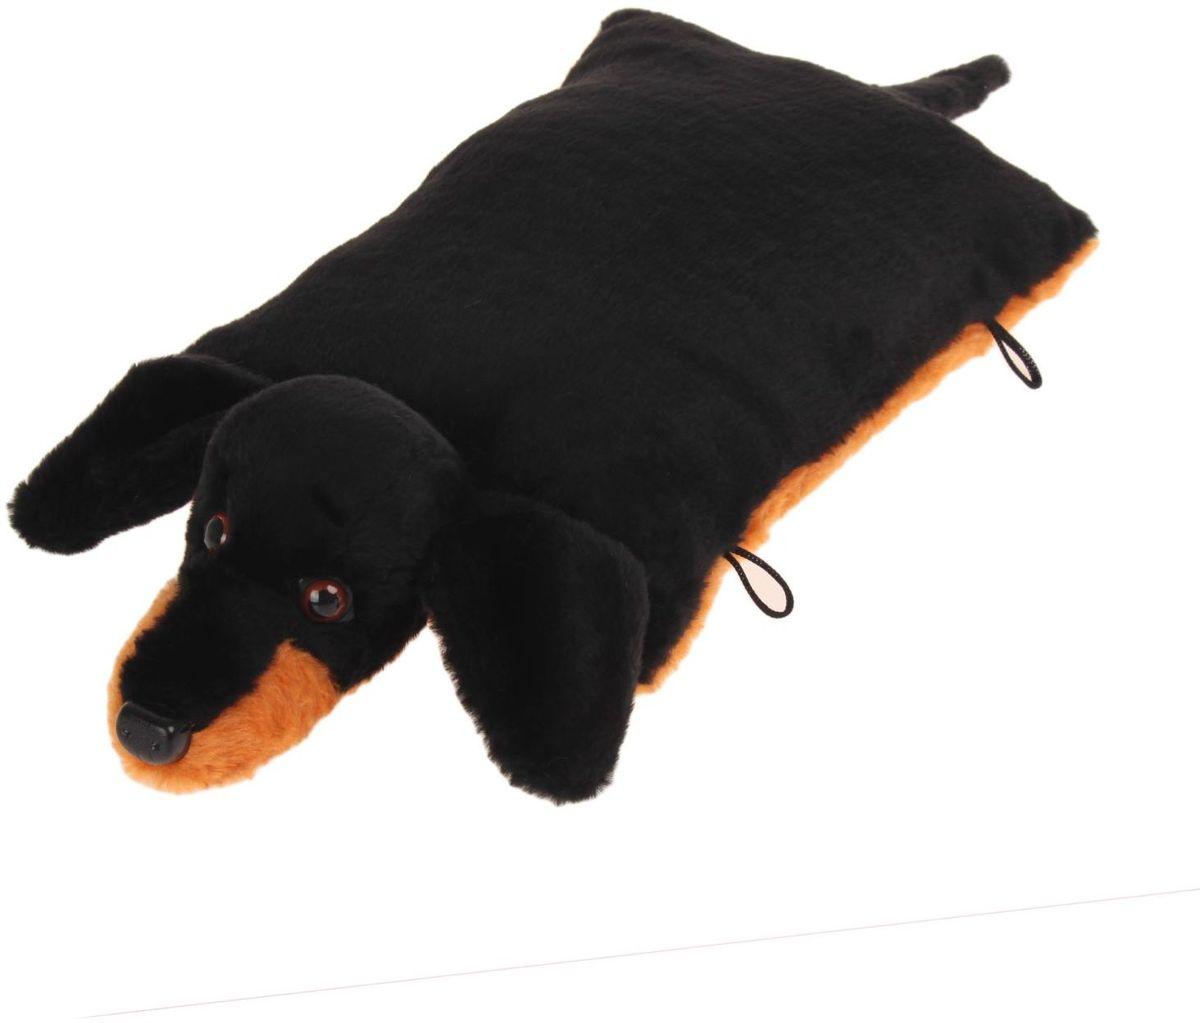 Радомир Мягкая игрушка Собака Соня 55 см 2008906 радомир мягкая игрушка собака соня 55 см 2008906